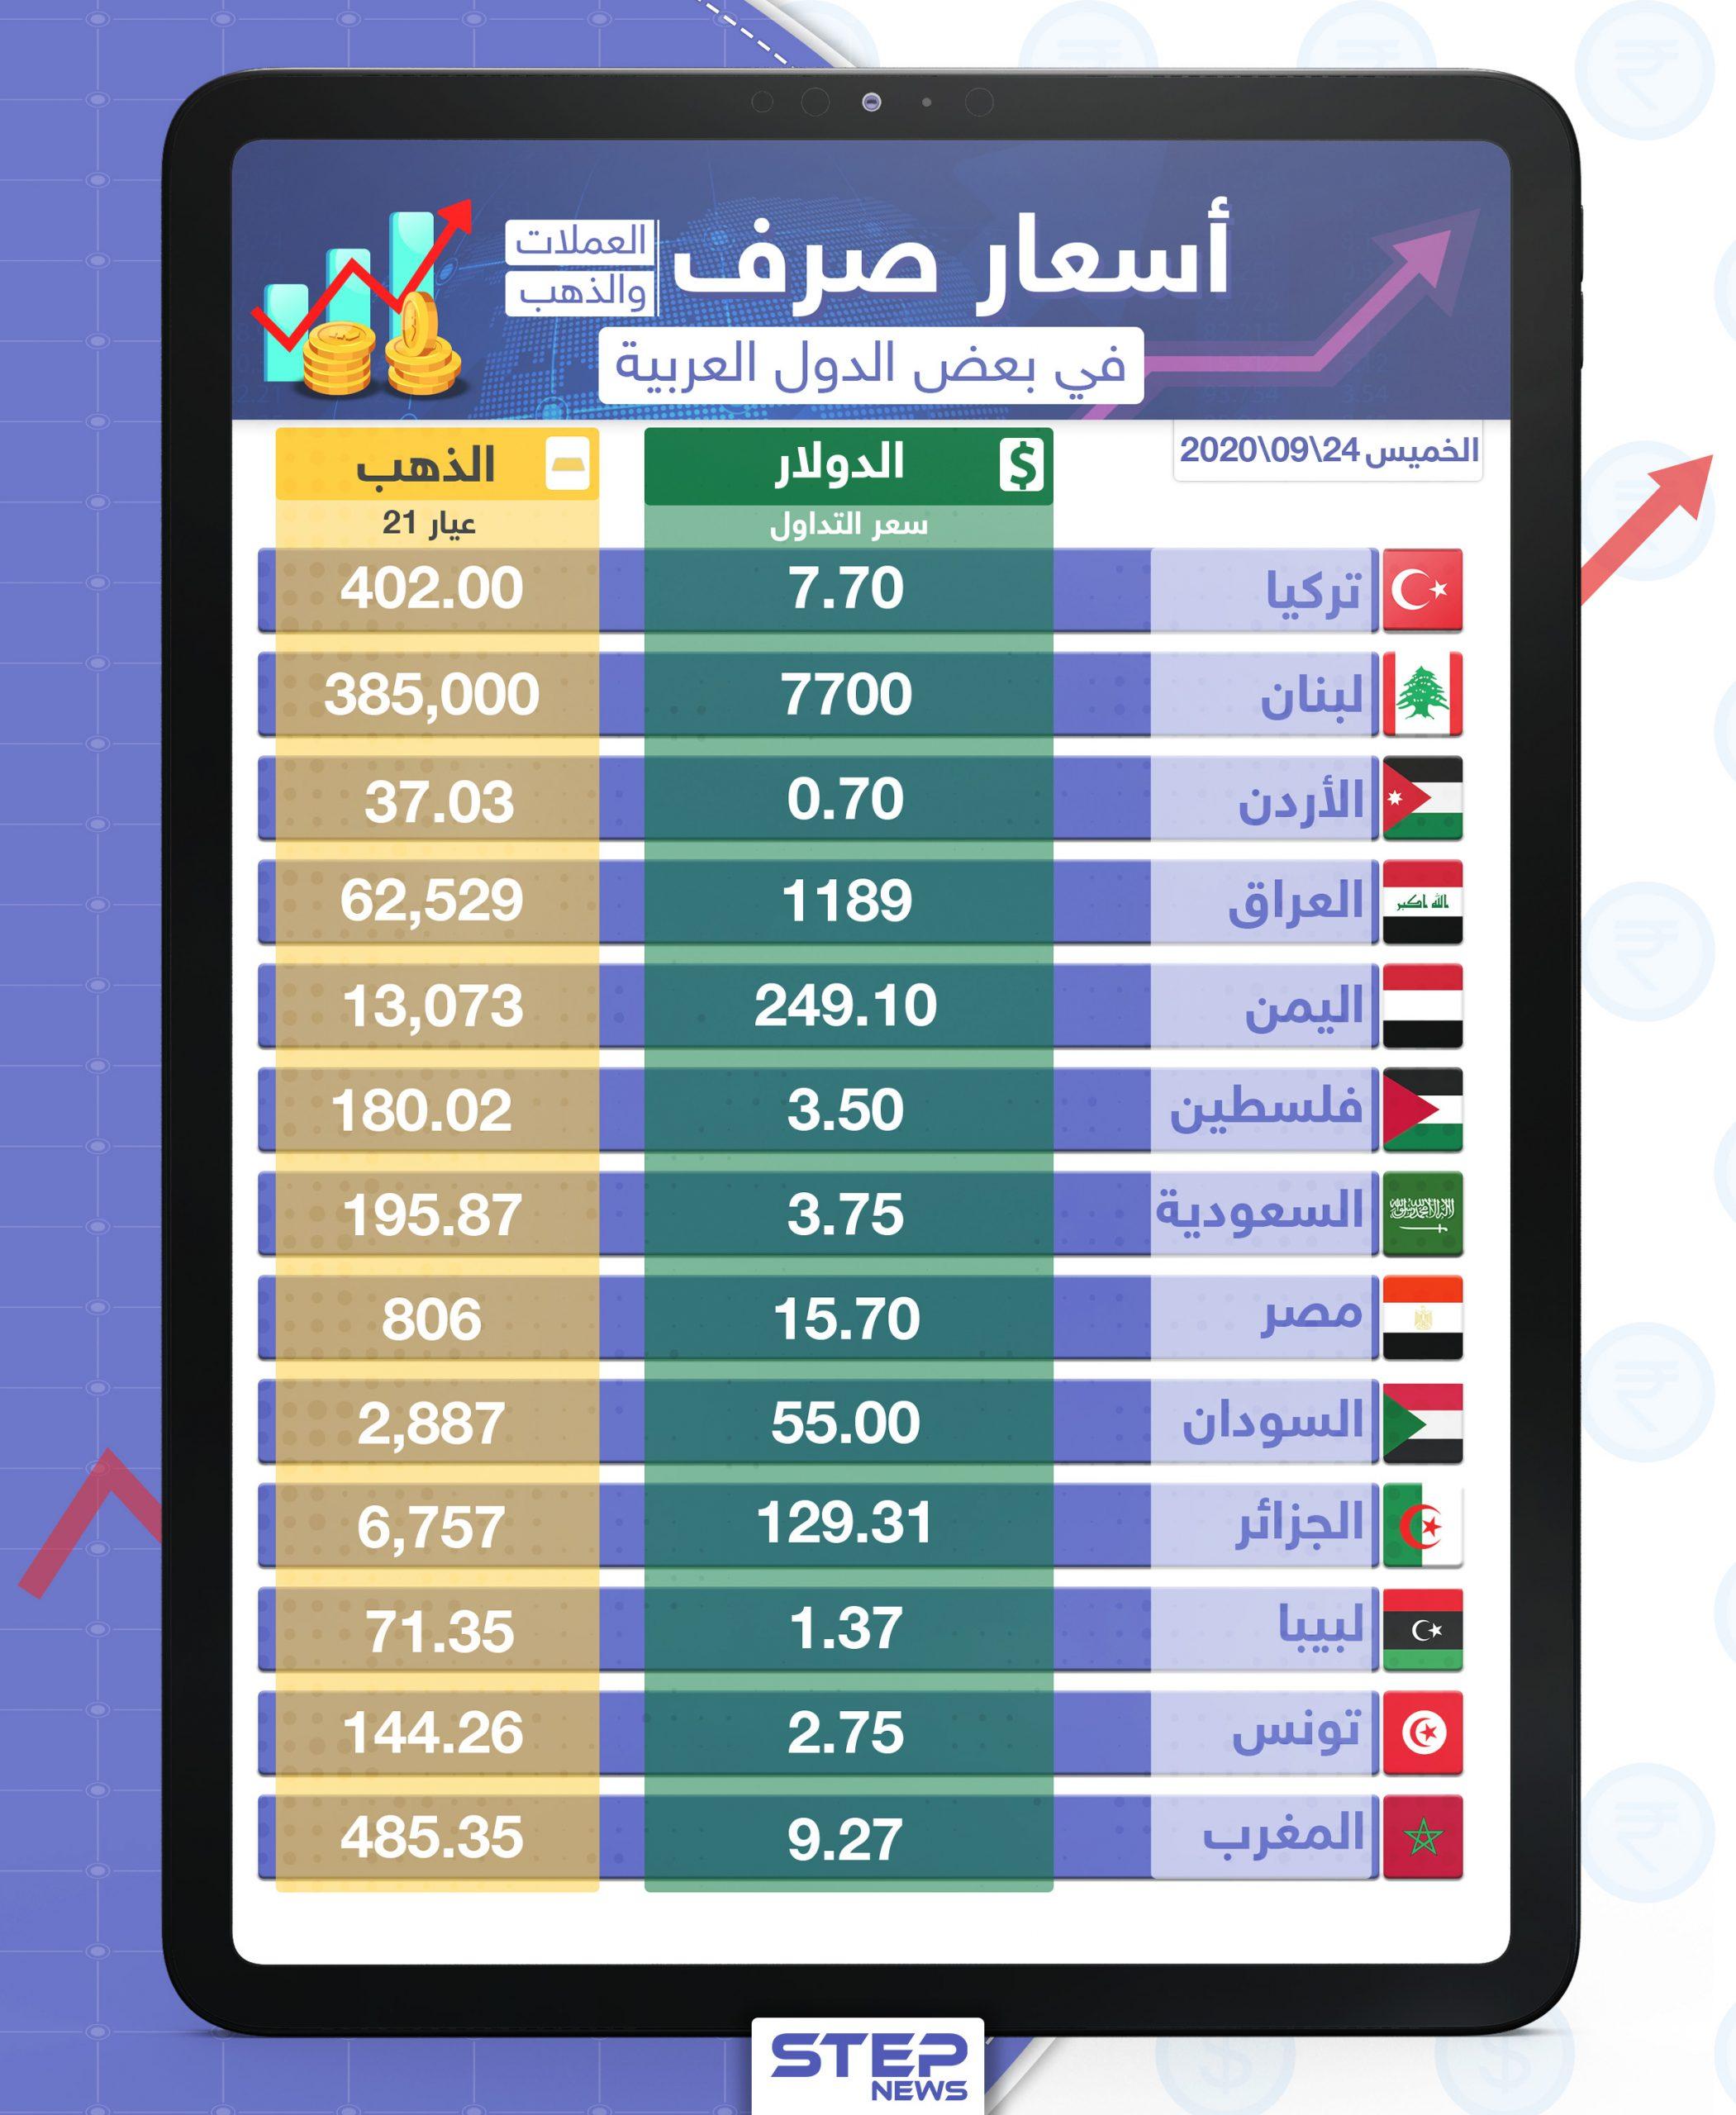 أسعار الذهب والعملات للدول العربية وتركيا اليوم الخميس الموافق 24 أيلول 2020